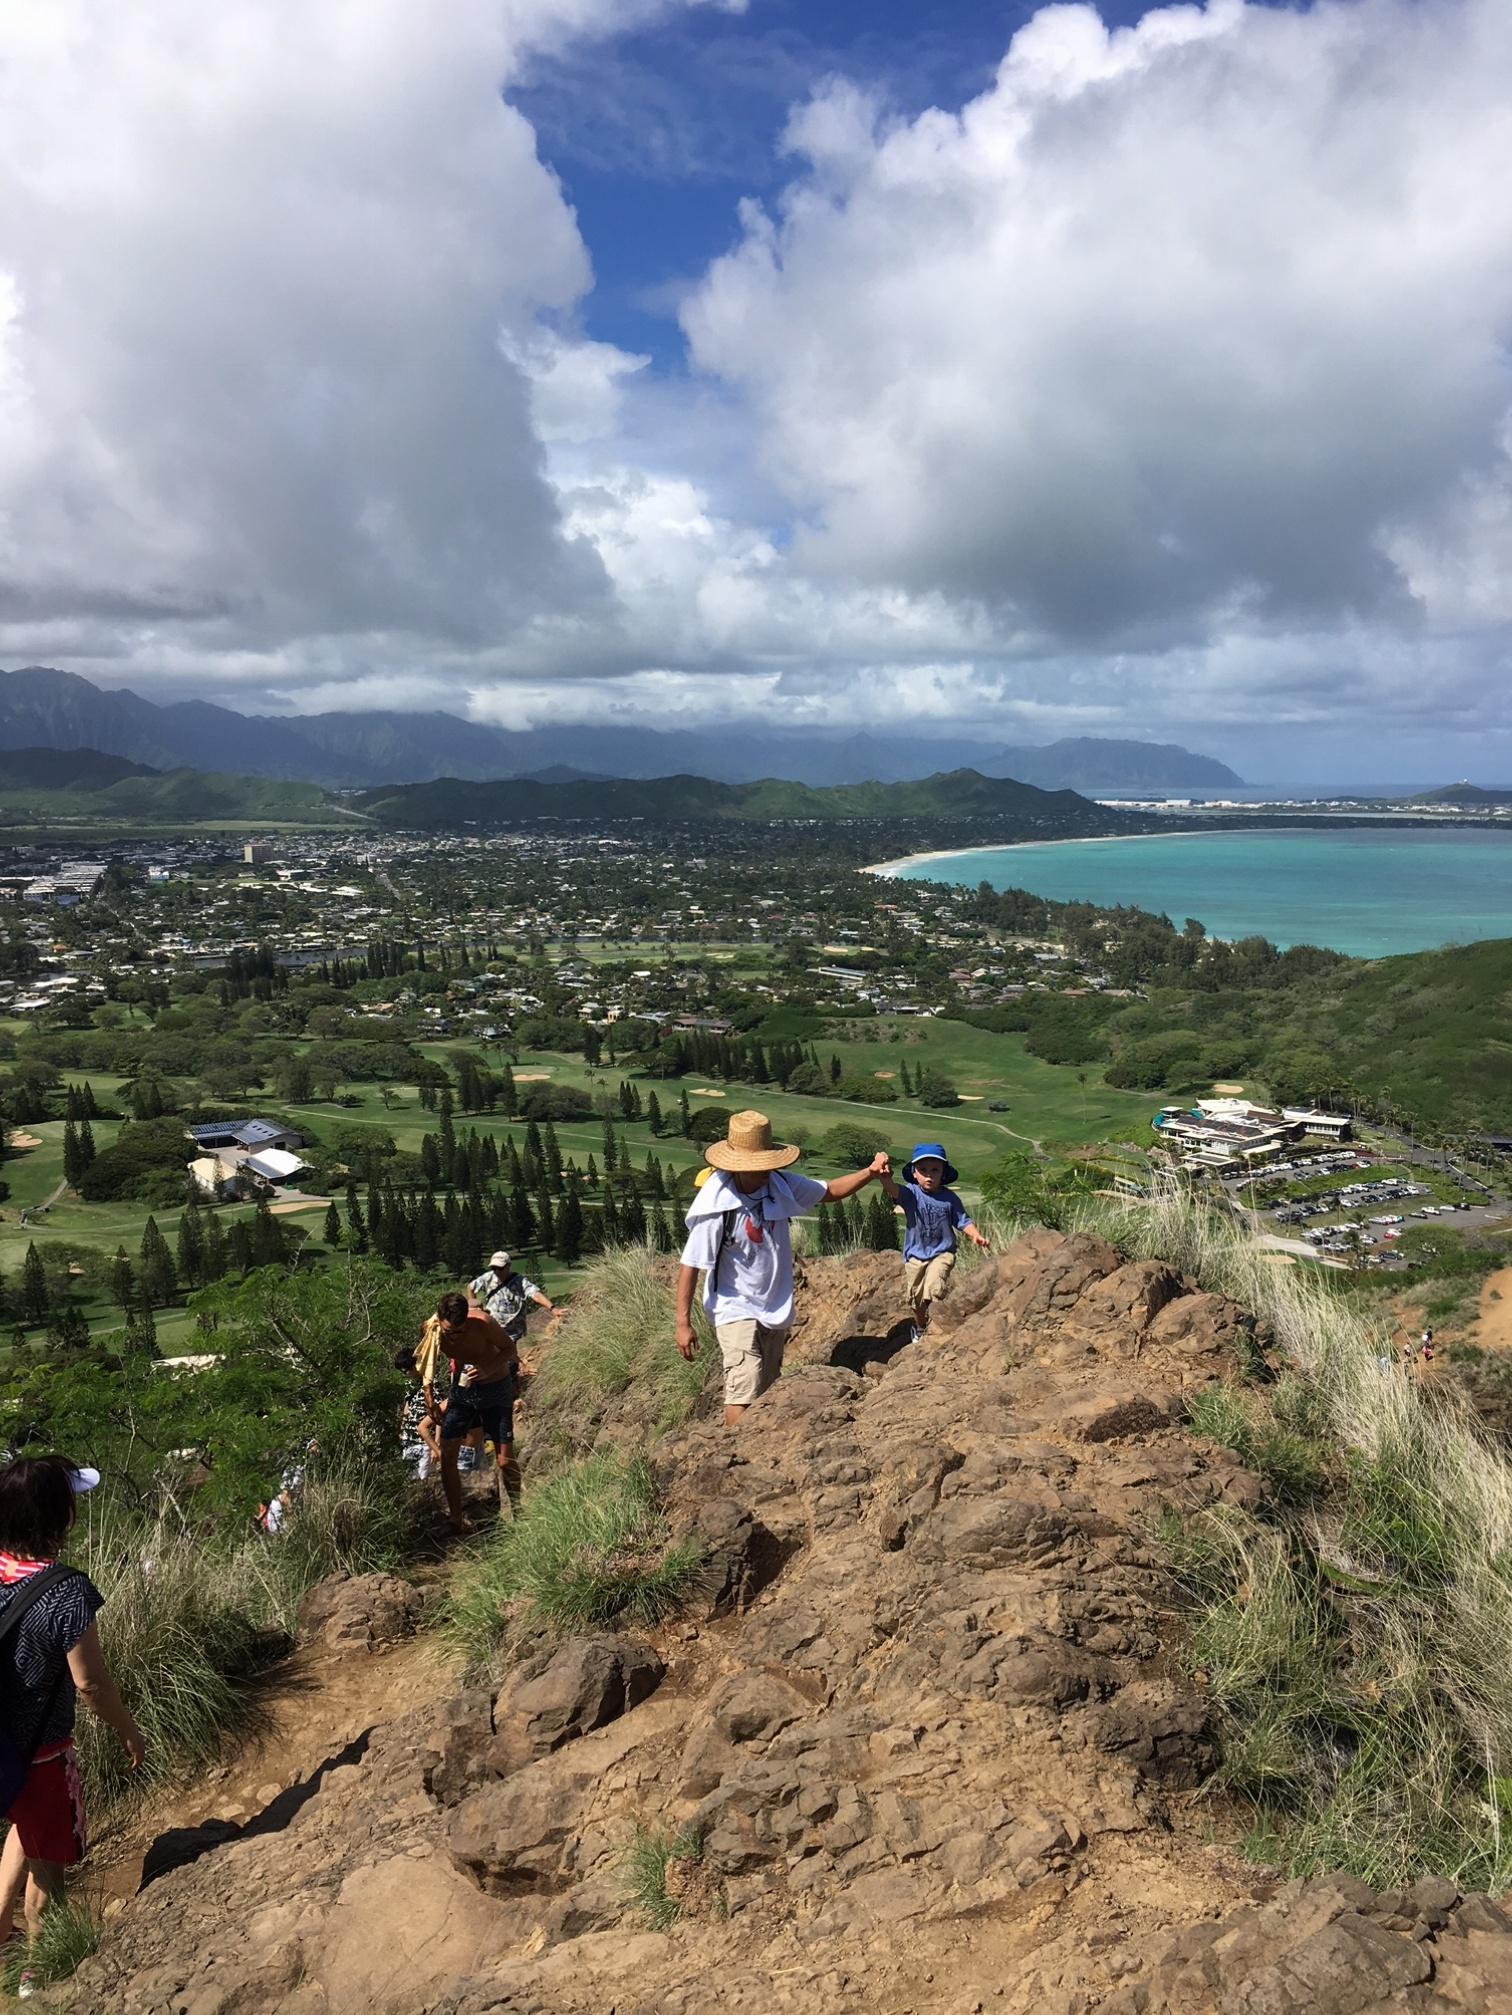 【ハワイ旅①】ダイヤモンドヘッドだけじゃない、ハワイのハイキング!キツい分それ以上の景色と感動が待っていました♡♡♡_1